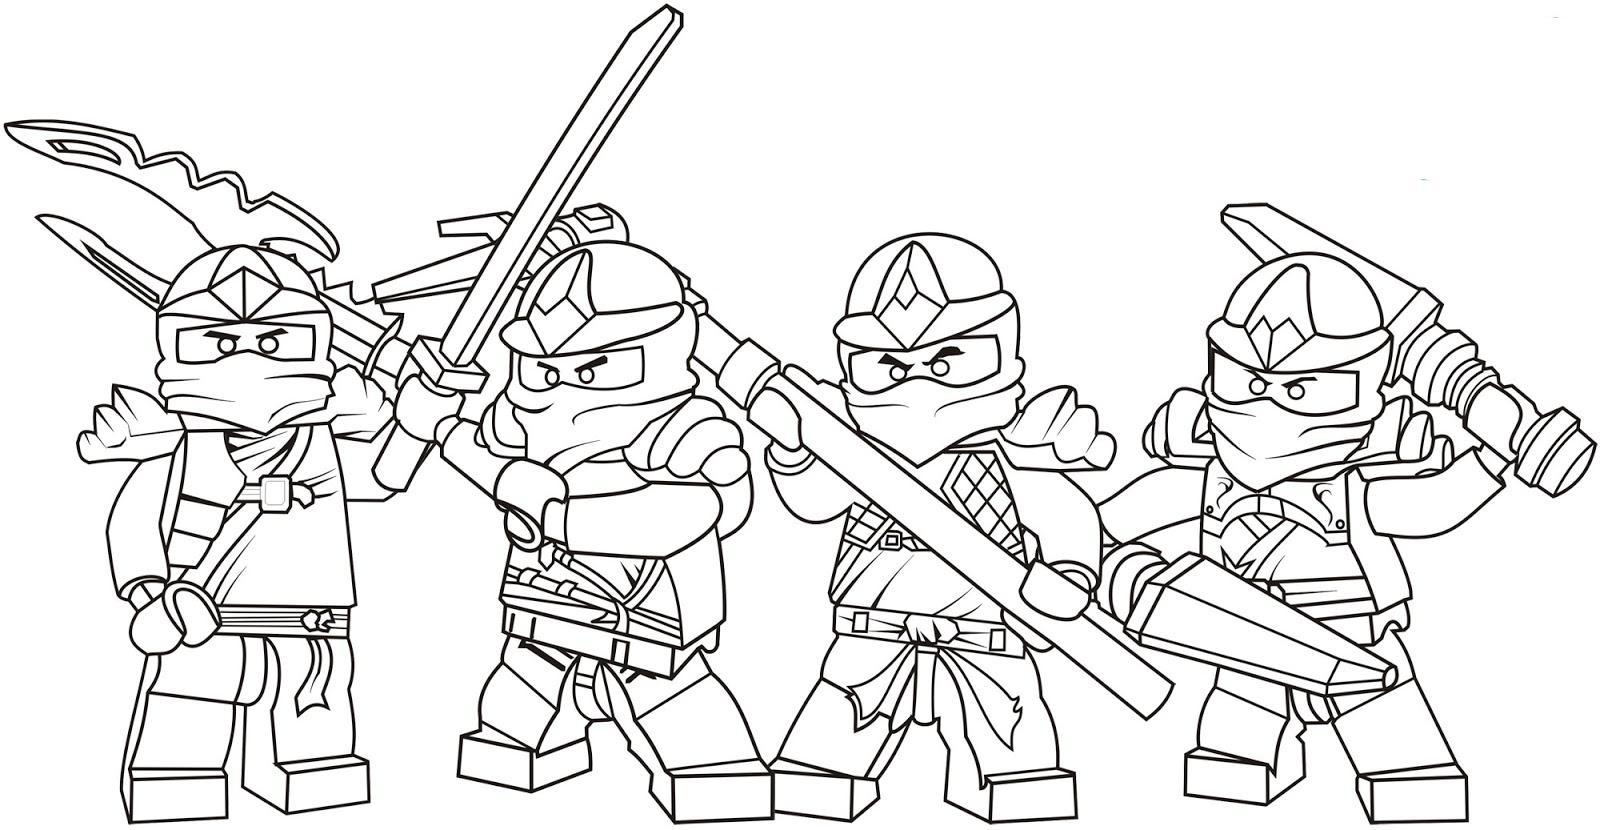 Лего ниндзя вся четверка Раскраски для детей мальчиков